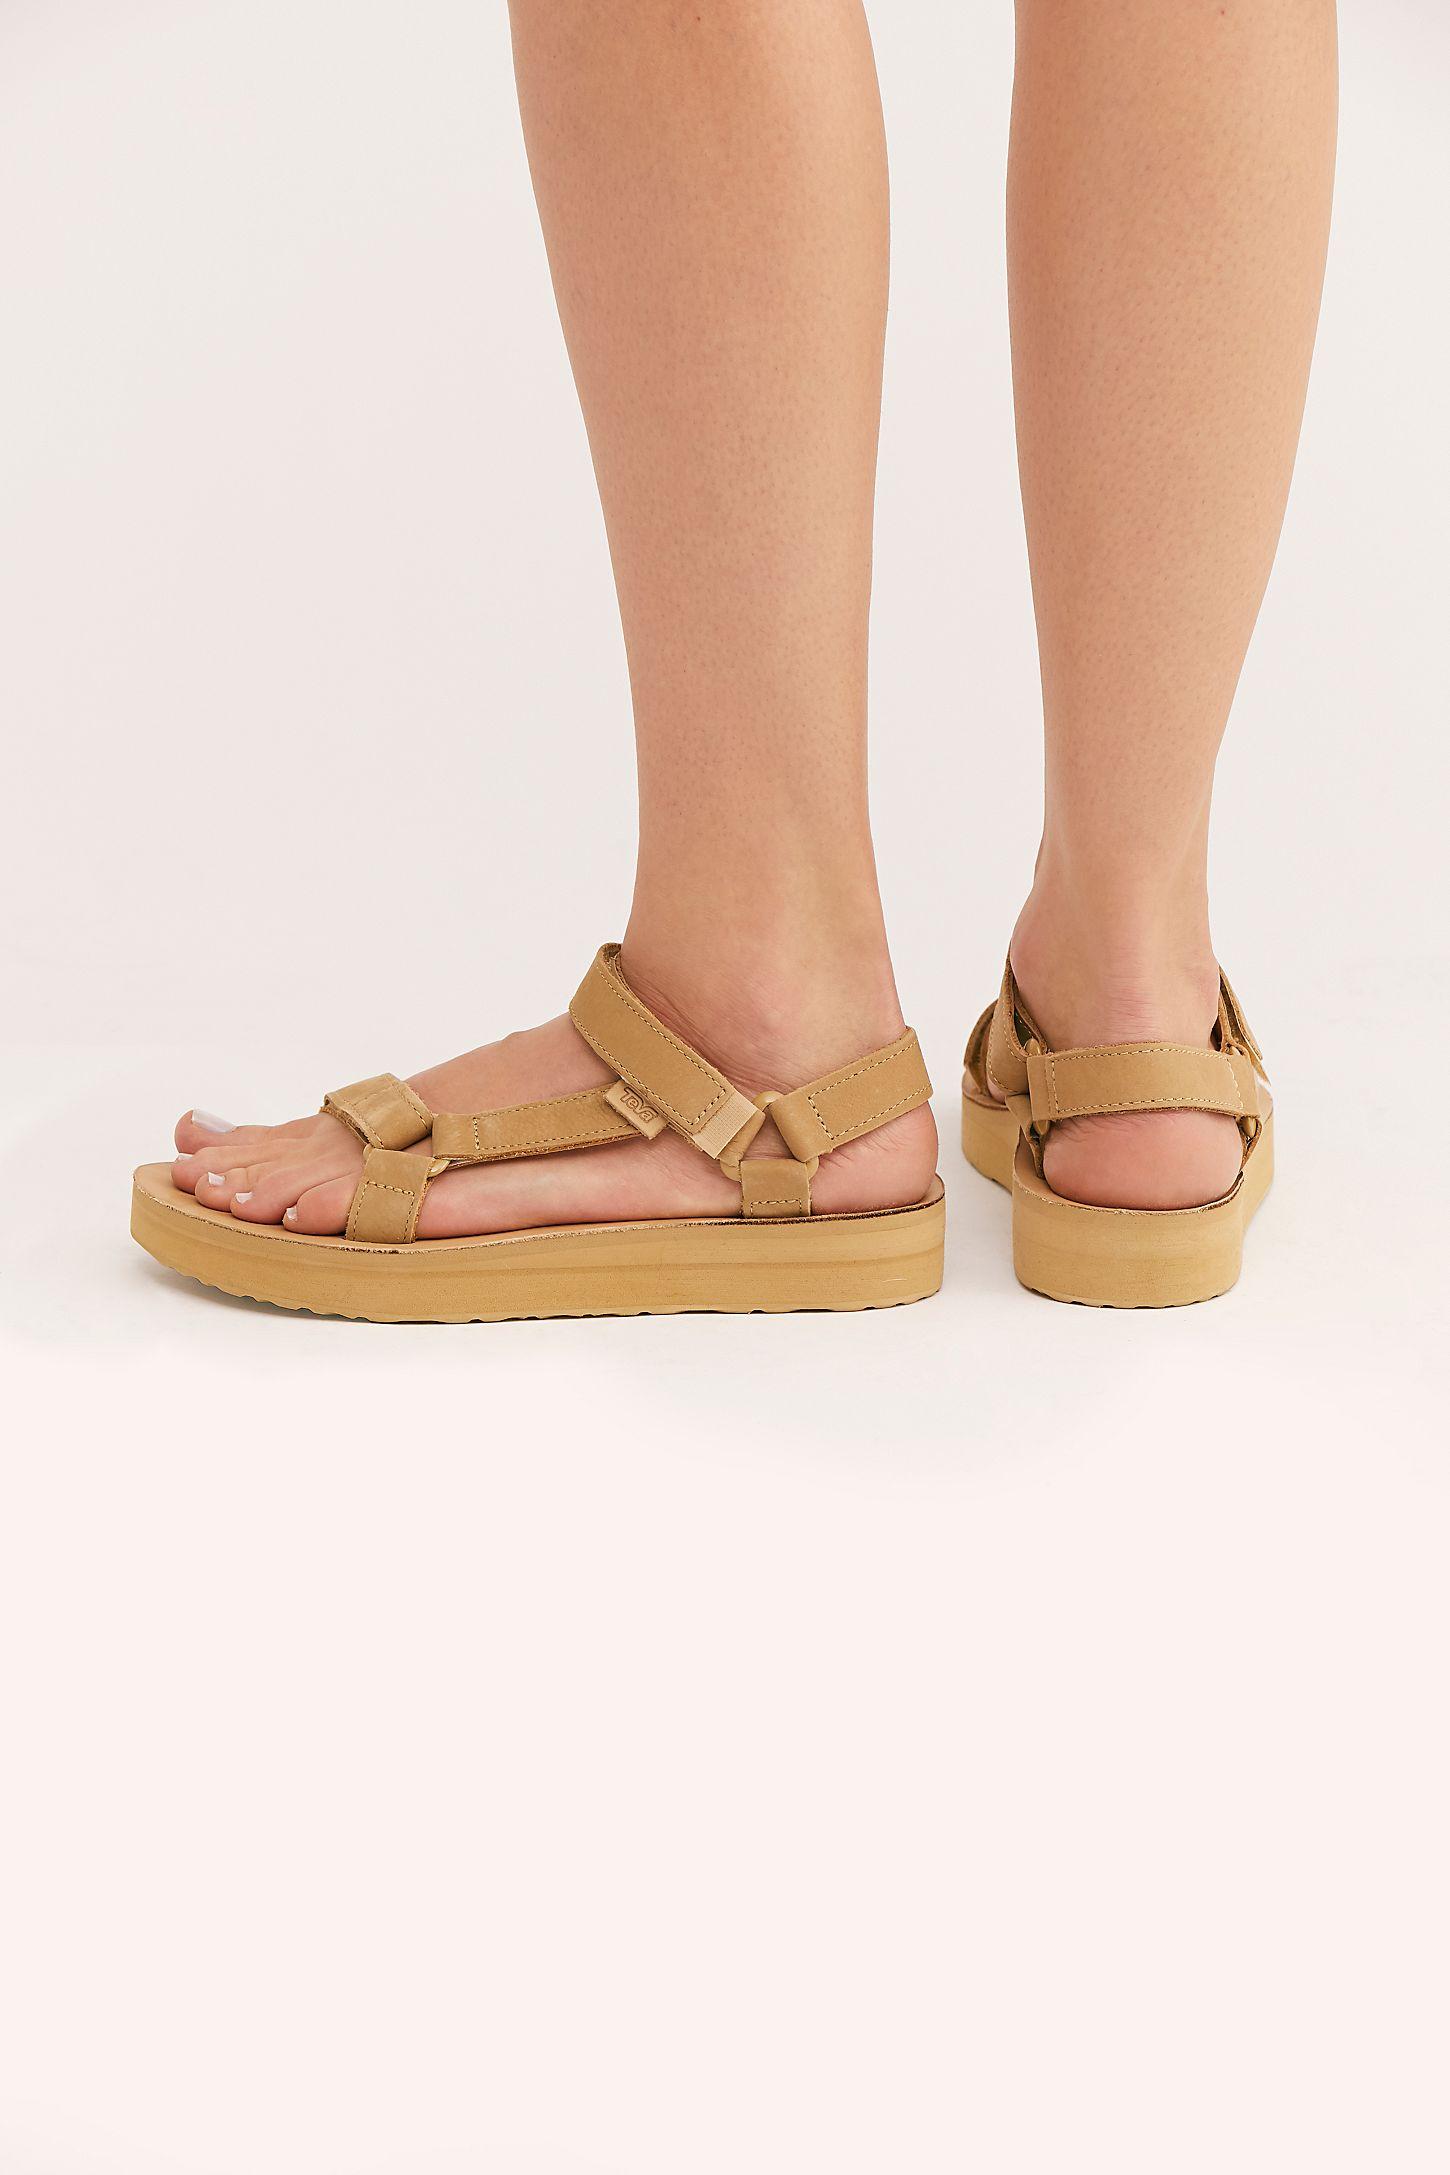 4585f58a8 teva Teva Midform Universal Leather Sandal